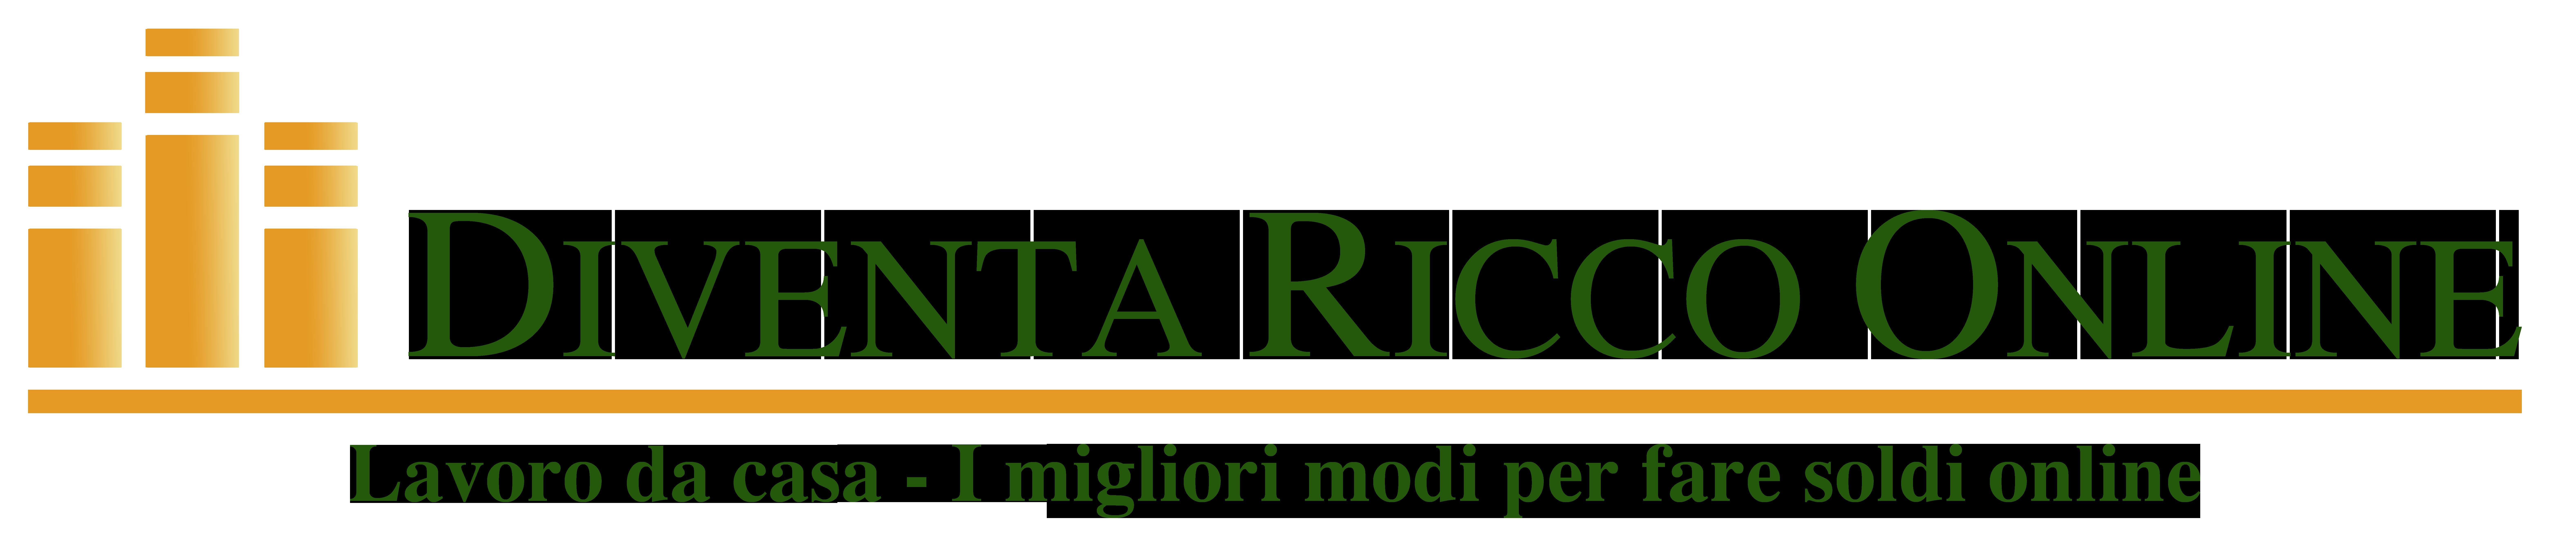 Diventa Ricco Online